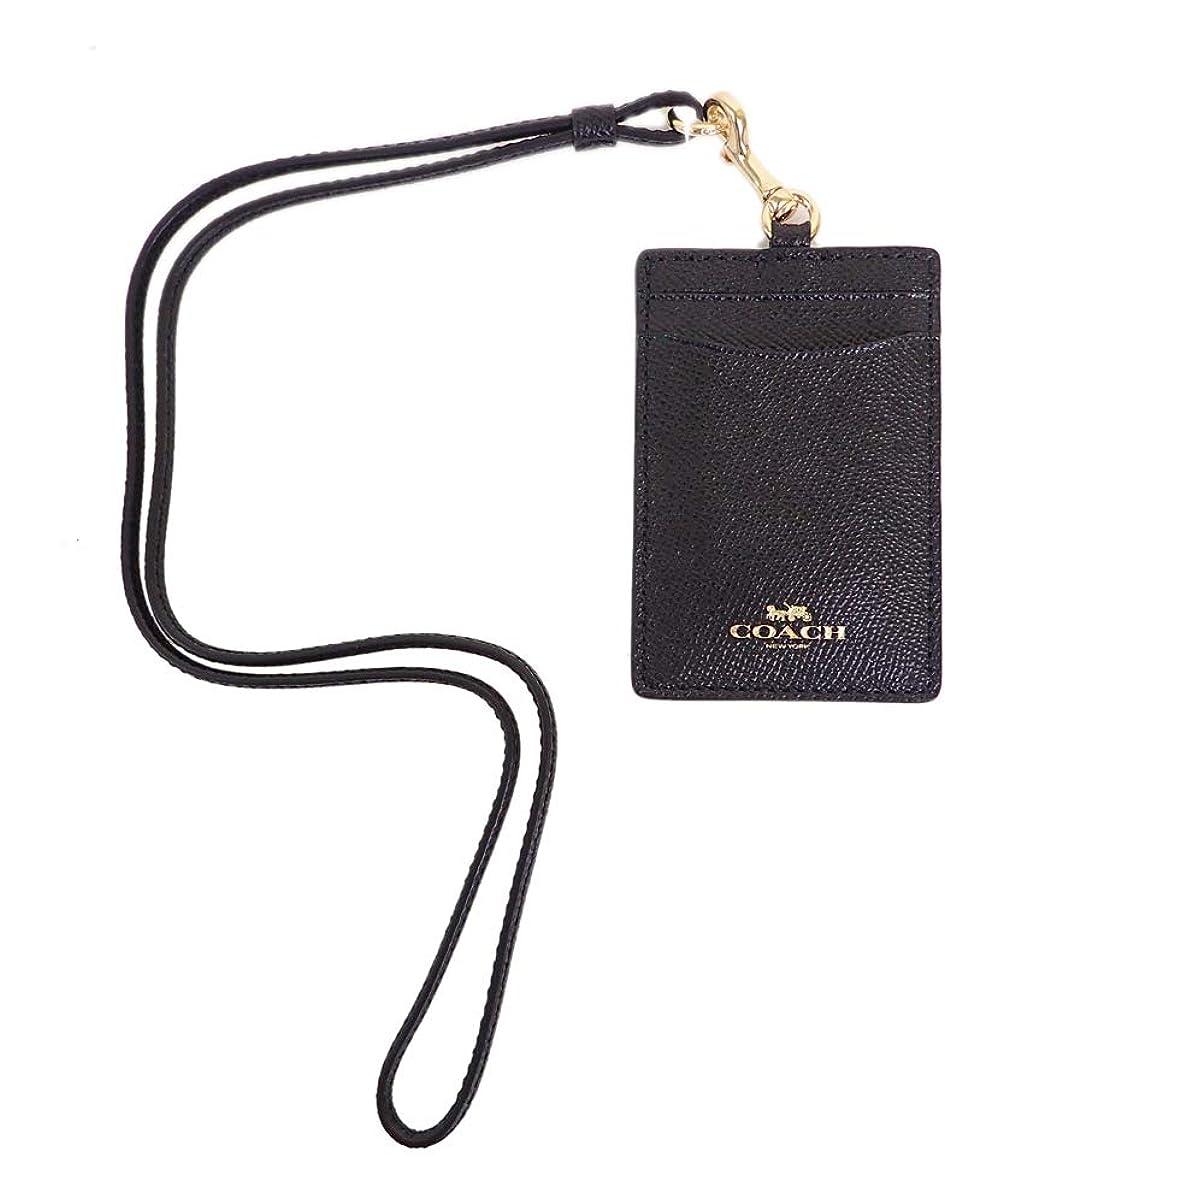 自宅で即席専門コーチ パスケース IDケース ブラック系 F57311 [新品]並行輸入品 [並行輸入品]